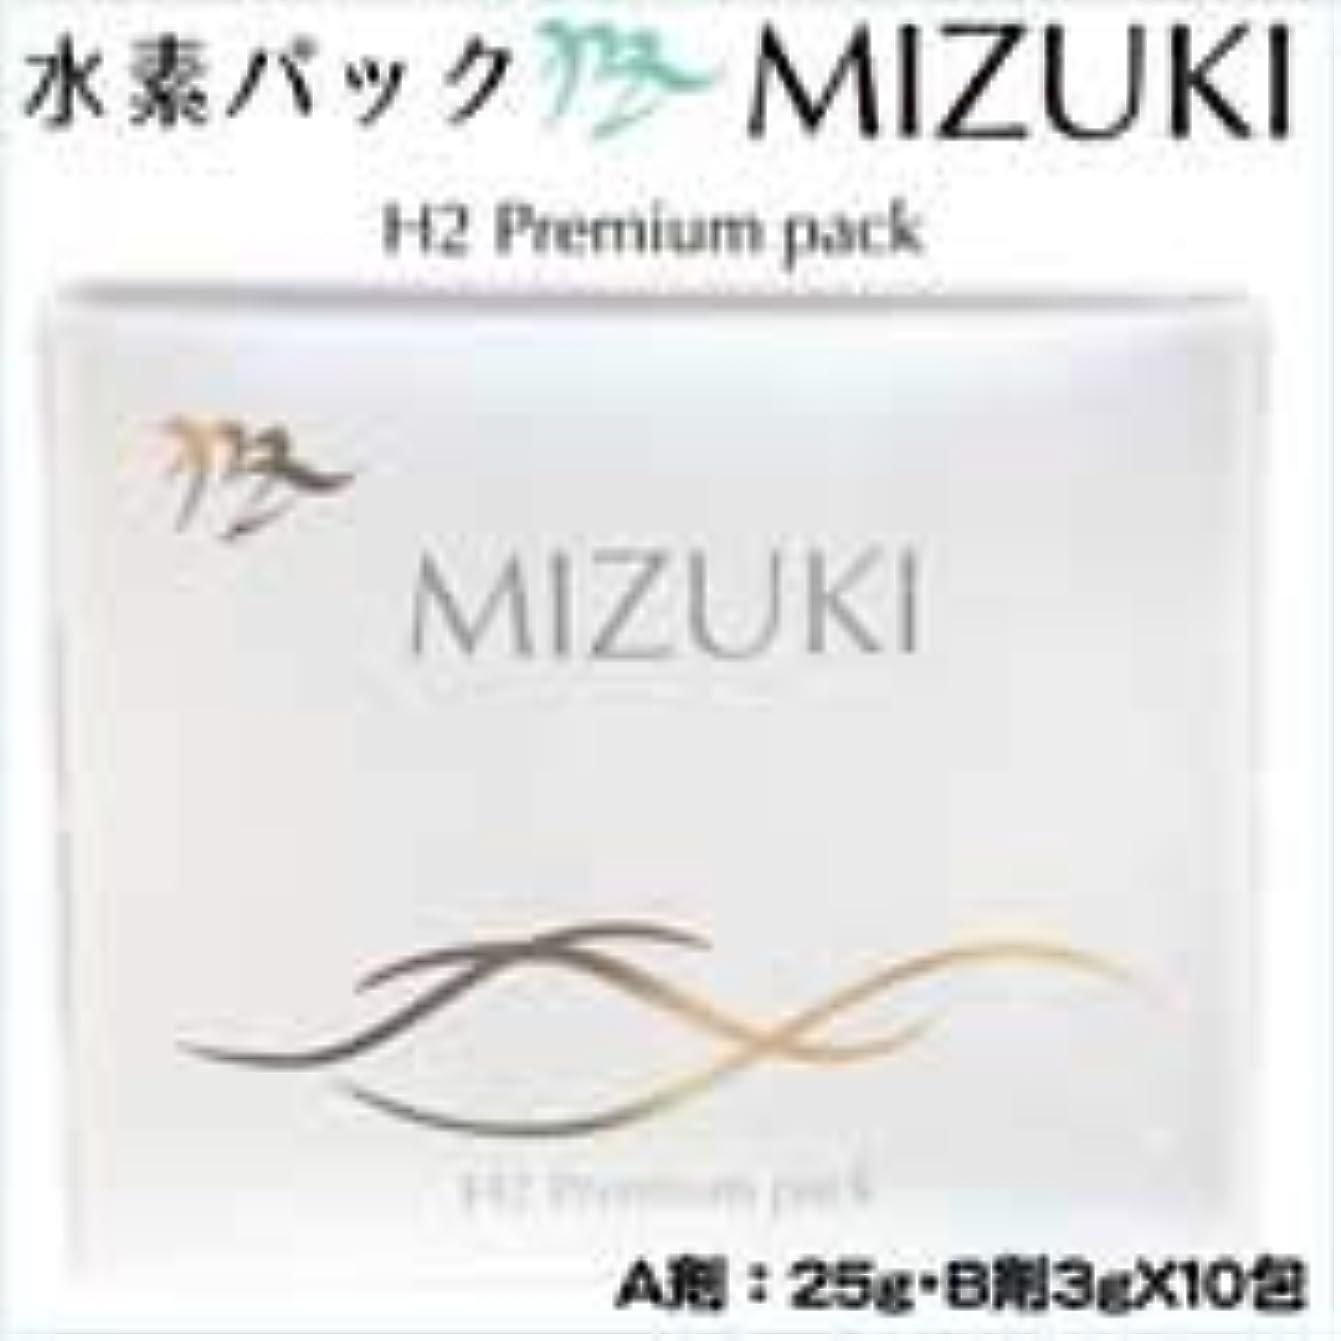 電話する悔い改める人物MIZUKI H2 Premium pack ミズキ プレミアムパック A剤:25g、B剤:3gX10包 スパチュラ付き